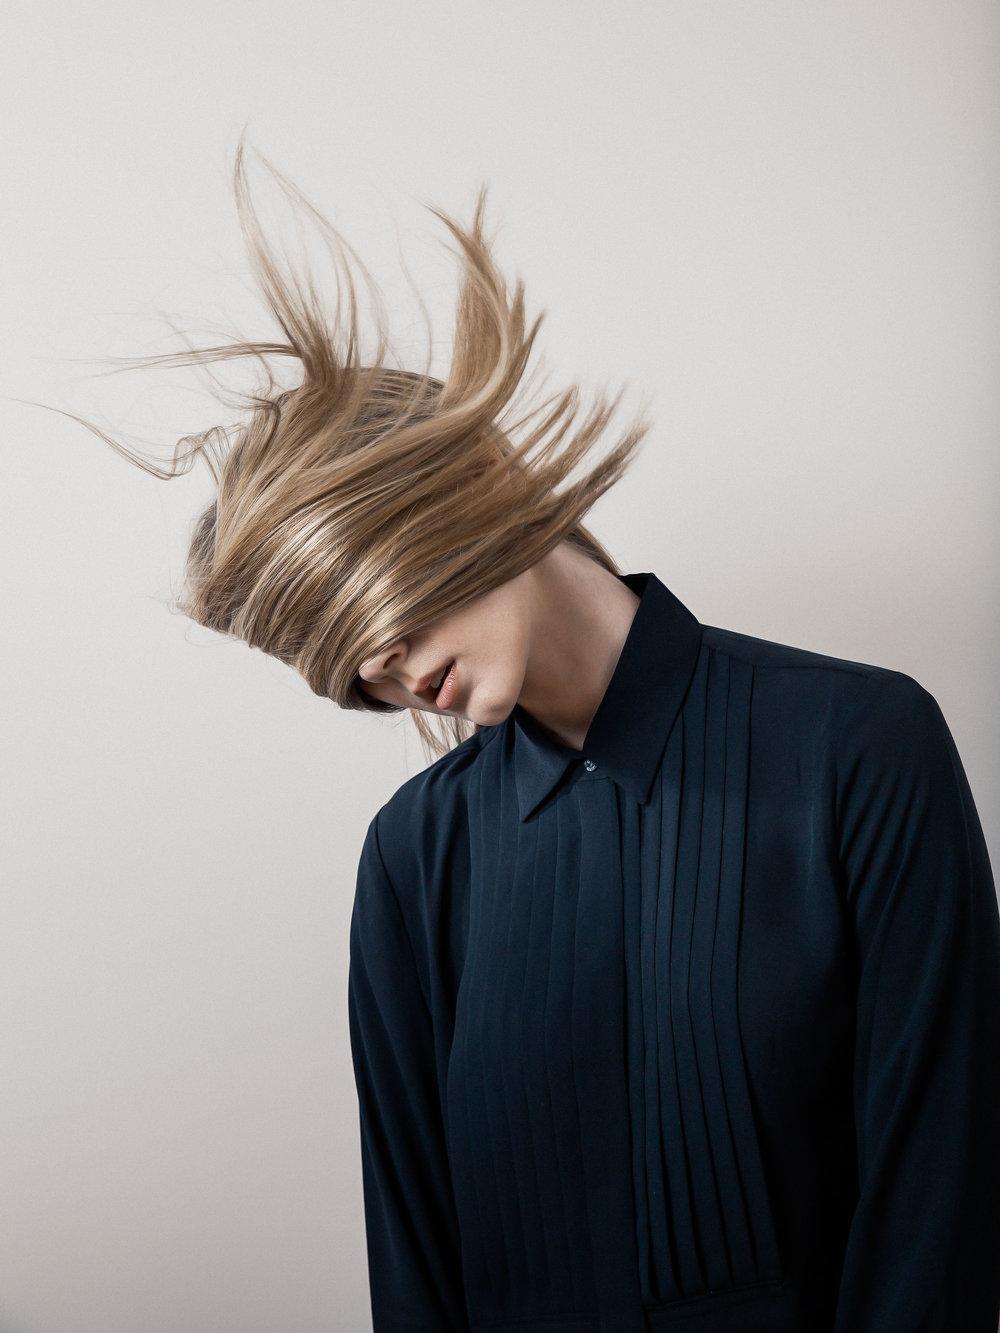 Model: Polina Gaydamachenko